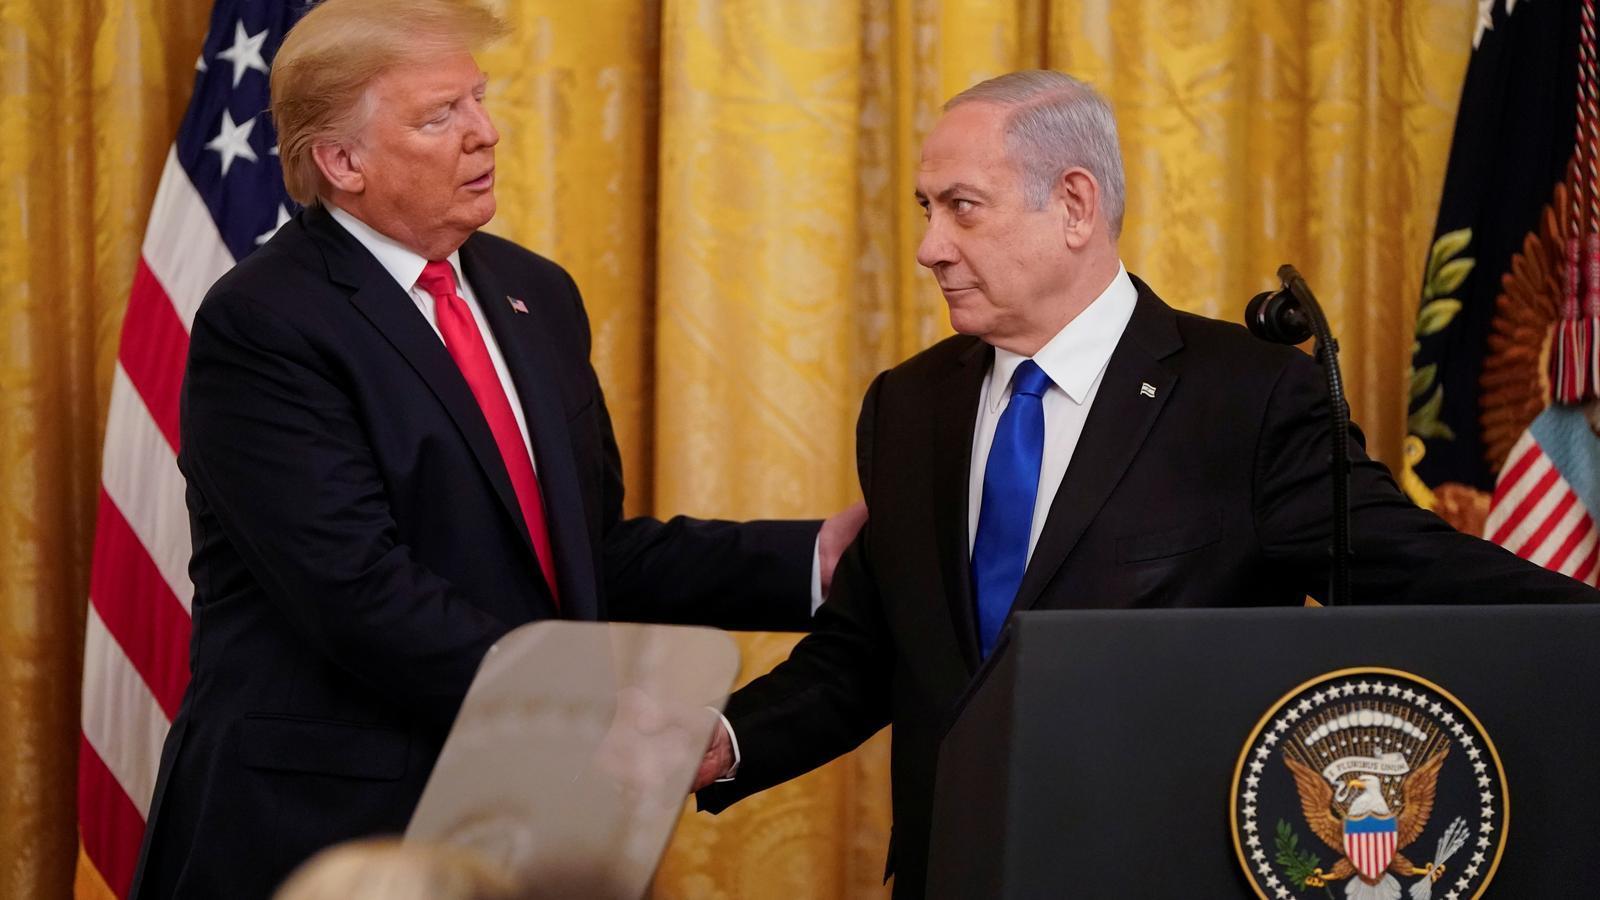 El president dels Estats Units, Donald Trump, dóna la mà al primer ministre israelià, Benjamin Netanyahu, durant una conferència de premsa conjunta